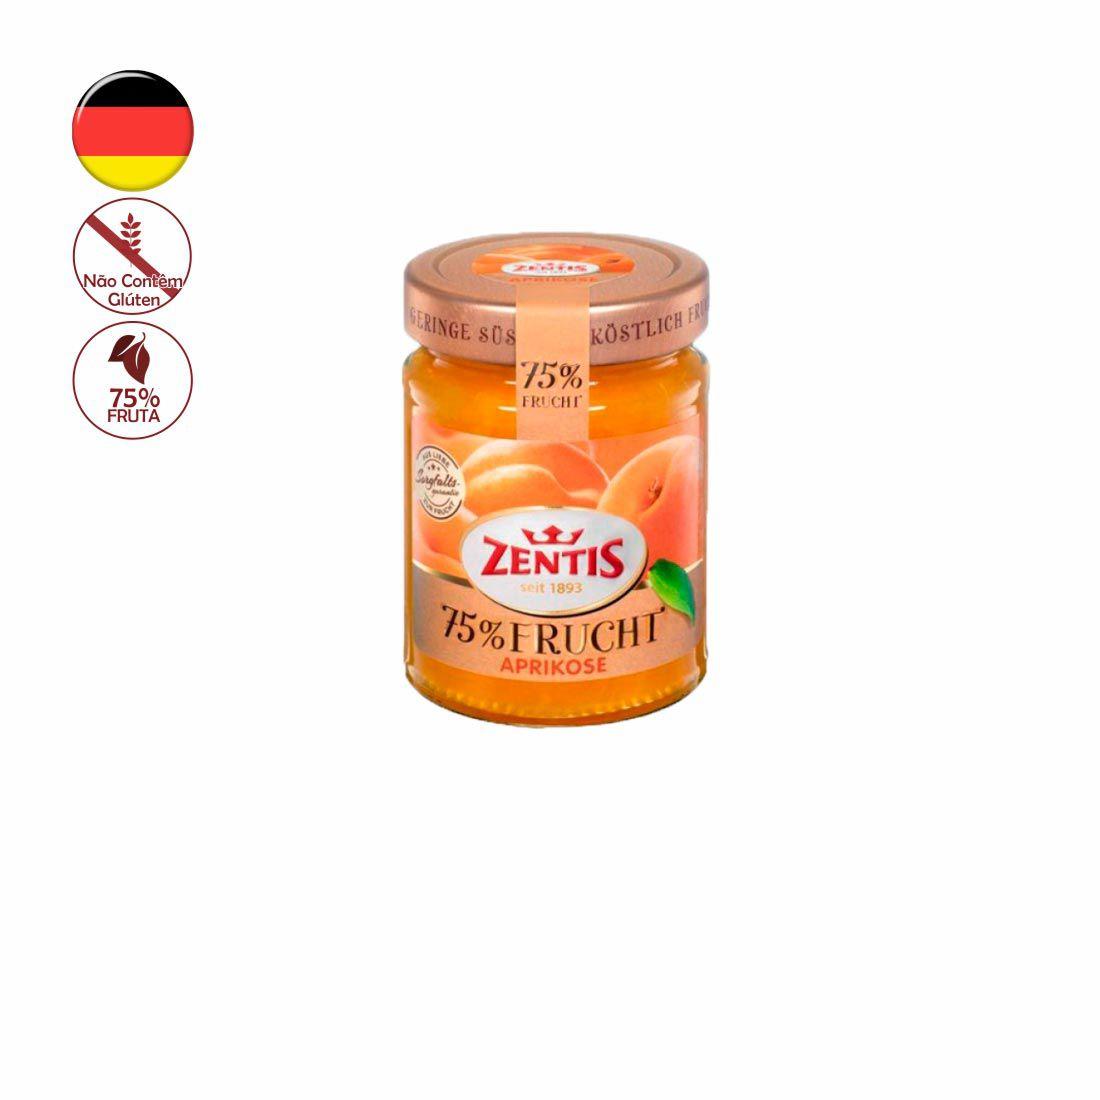 GELEIA ZENTIS DAMASCO 75% FRUTA 270G